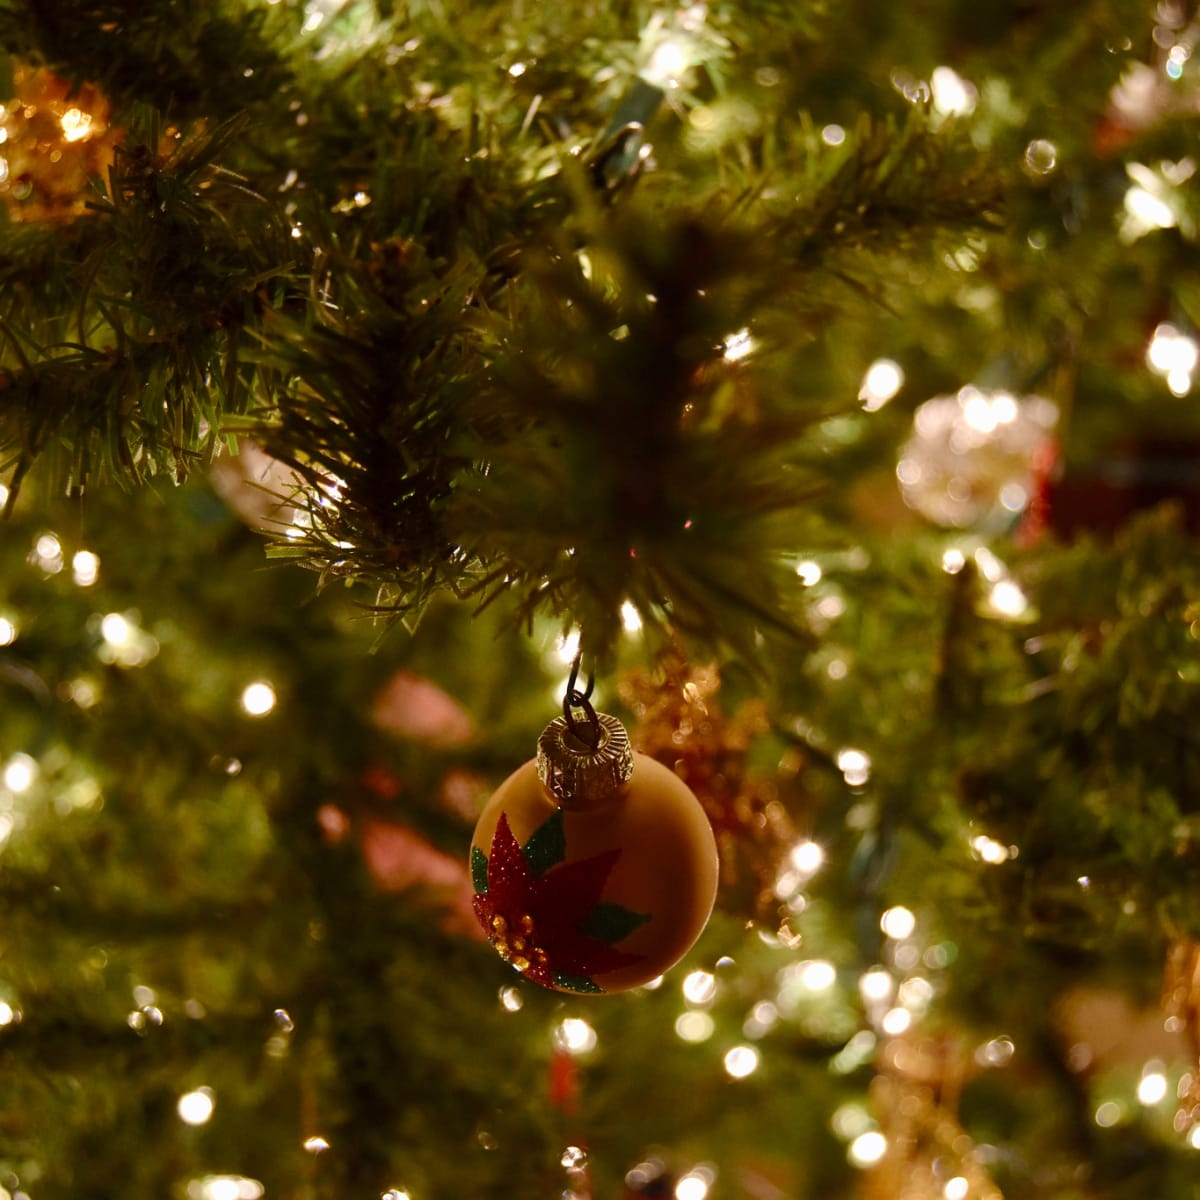 Kool 108 Christmas Music 2020 KOOL 108 kicks off Christmas music weeks early, because why not